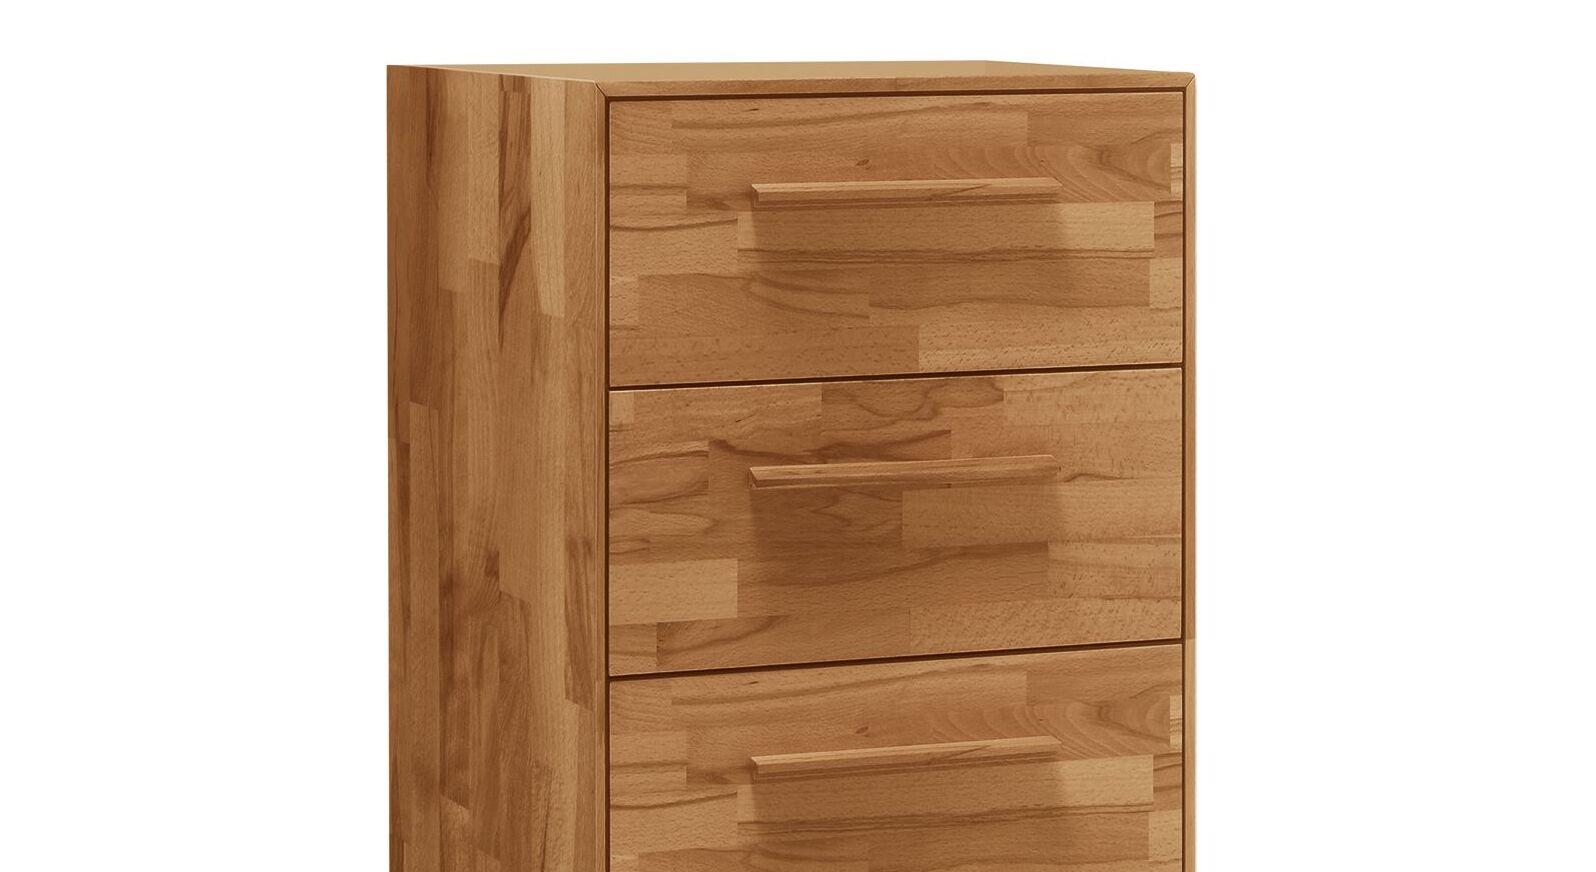 Hochkommode Rebus mit attraktiver Holz-Maserung